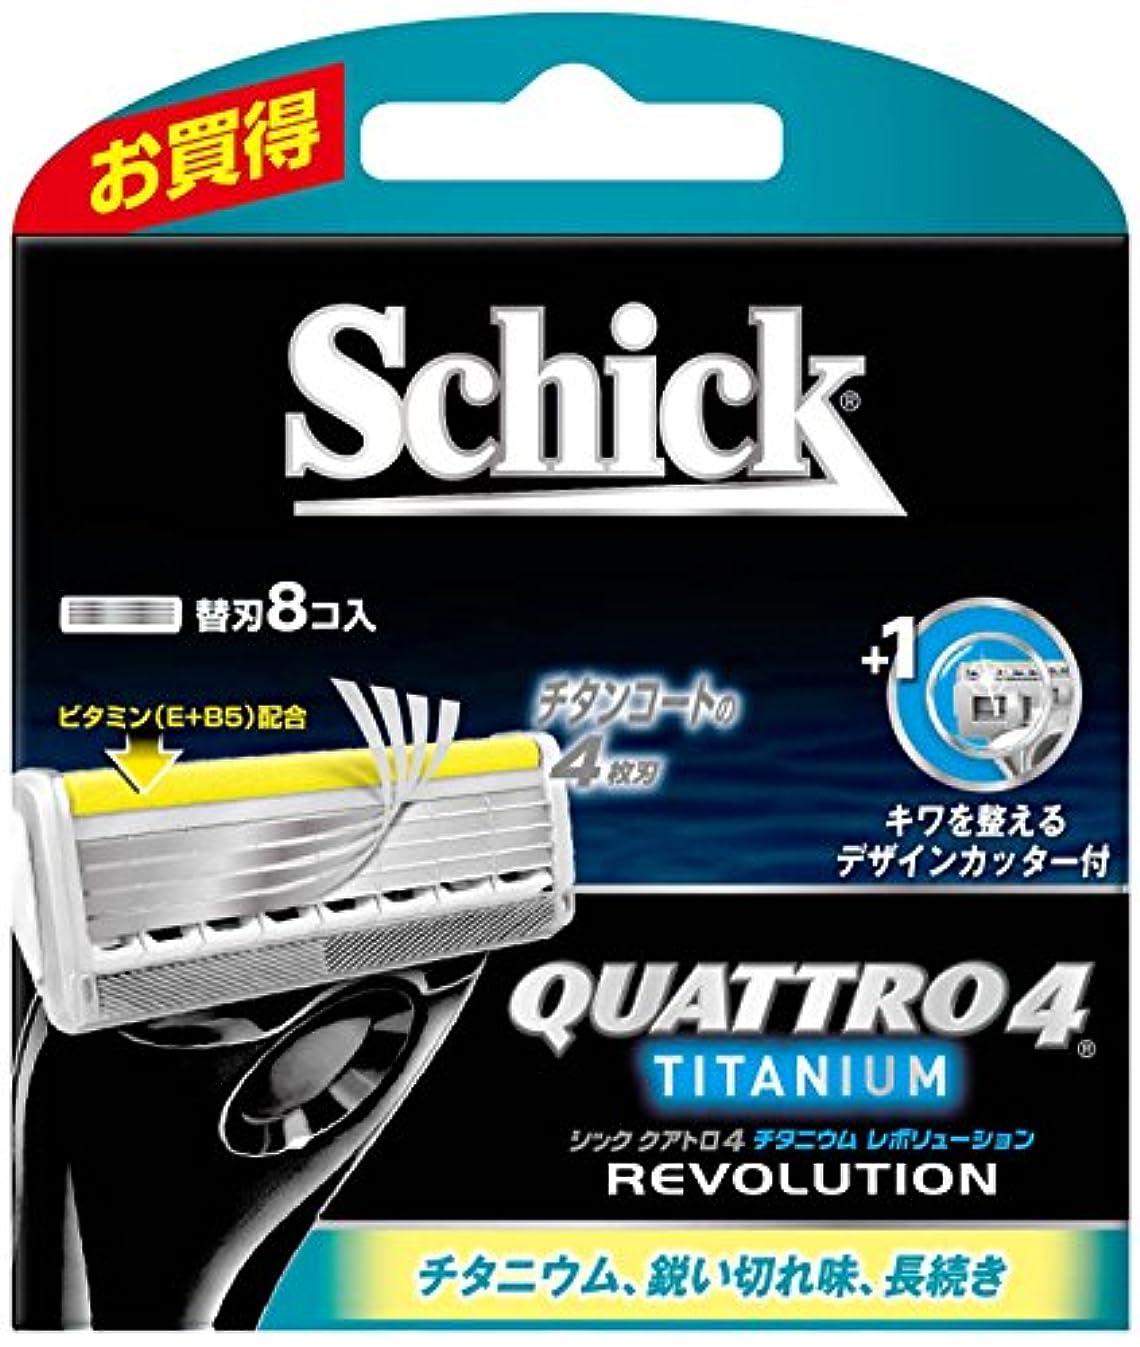 クリップ蝶しつけ命題シック Schick クアトロ4 4枚刃 チタニウムレボリューション 替刃 (8コ入)